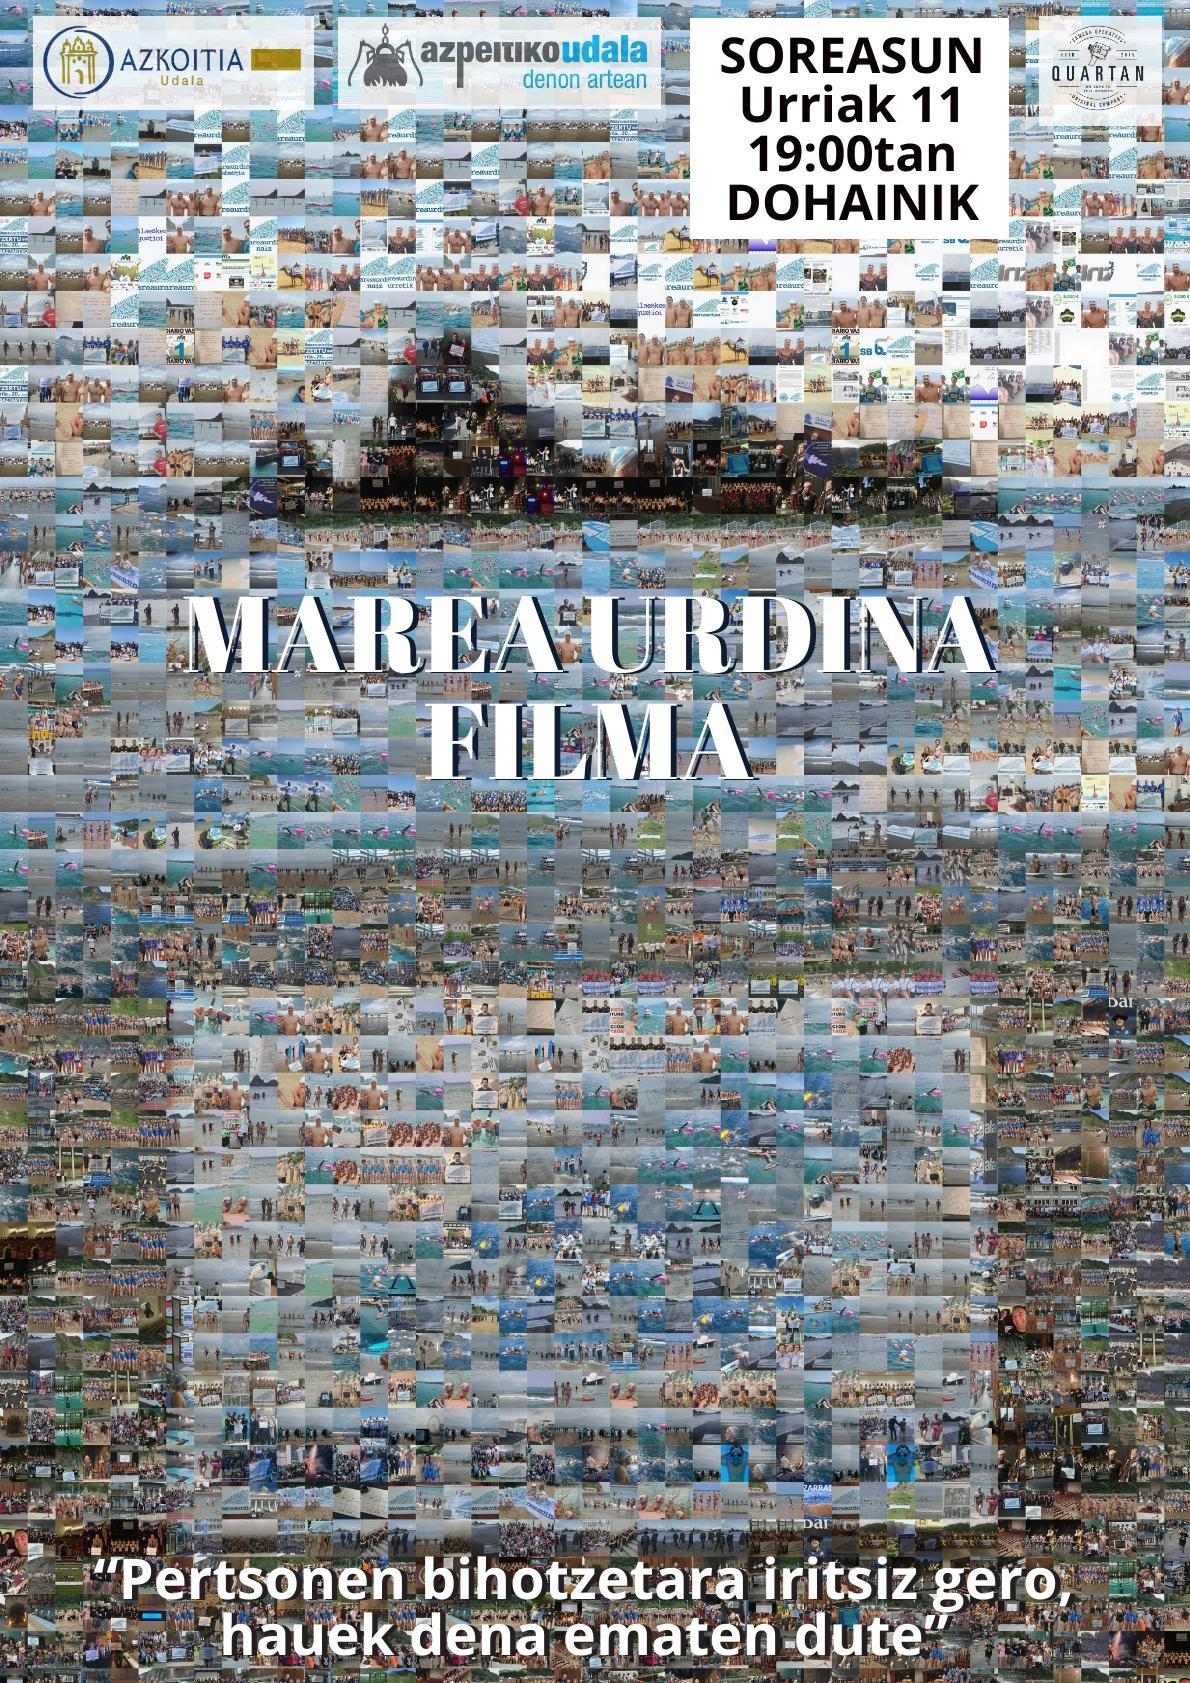 Marea Urdina-ren filma